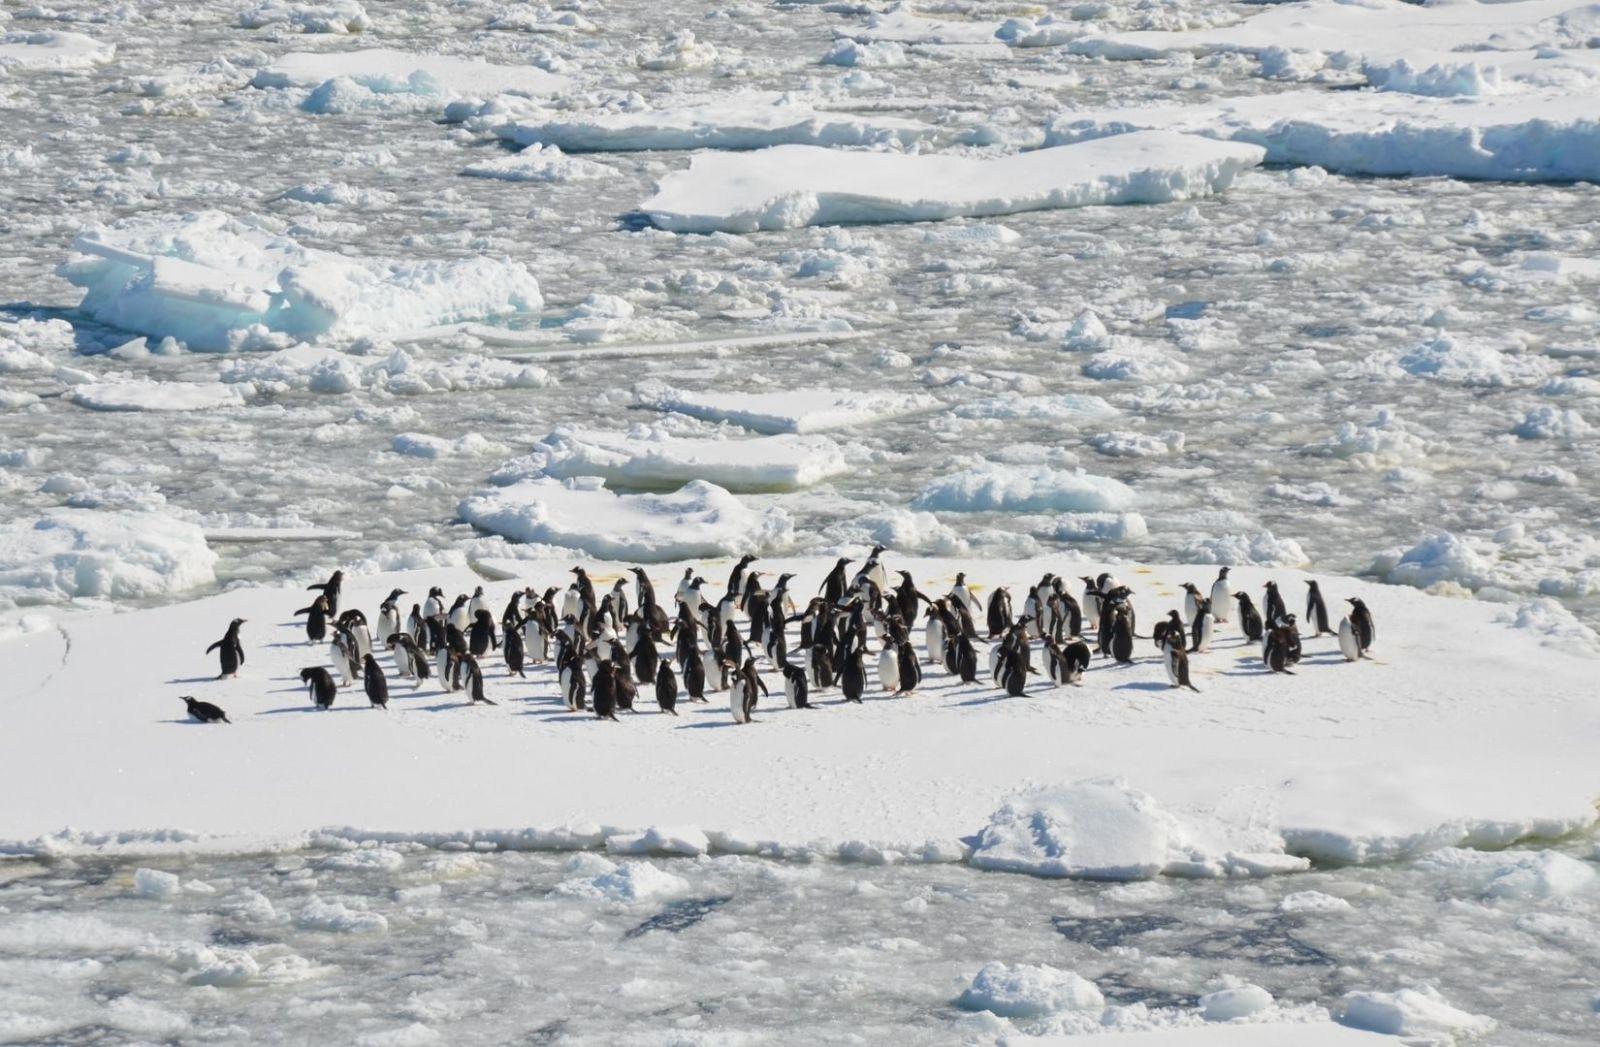 Das Wesentliche ist auch für Pinguine, zu erkennen, wenn die Eisscholle bricht. (Foto: Danielle Barnes, Unsplash.com)